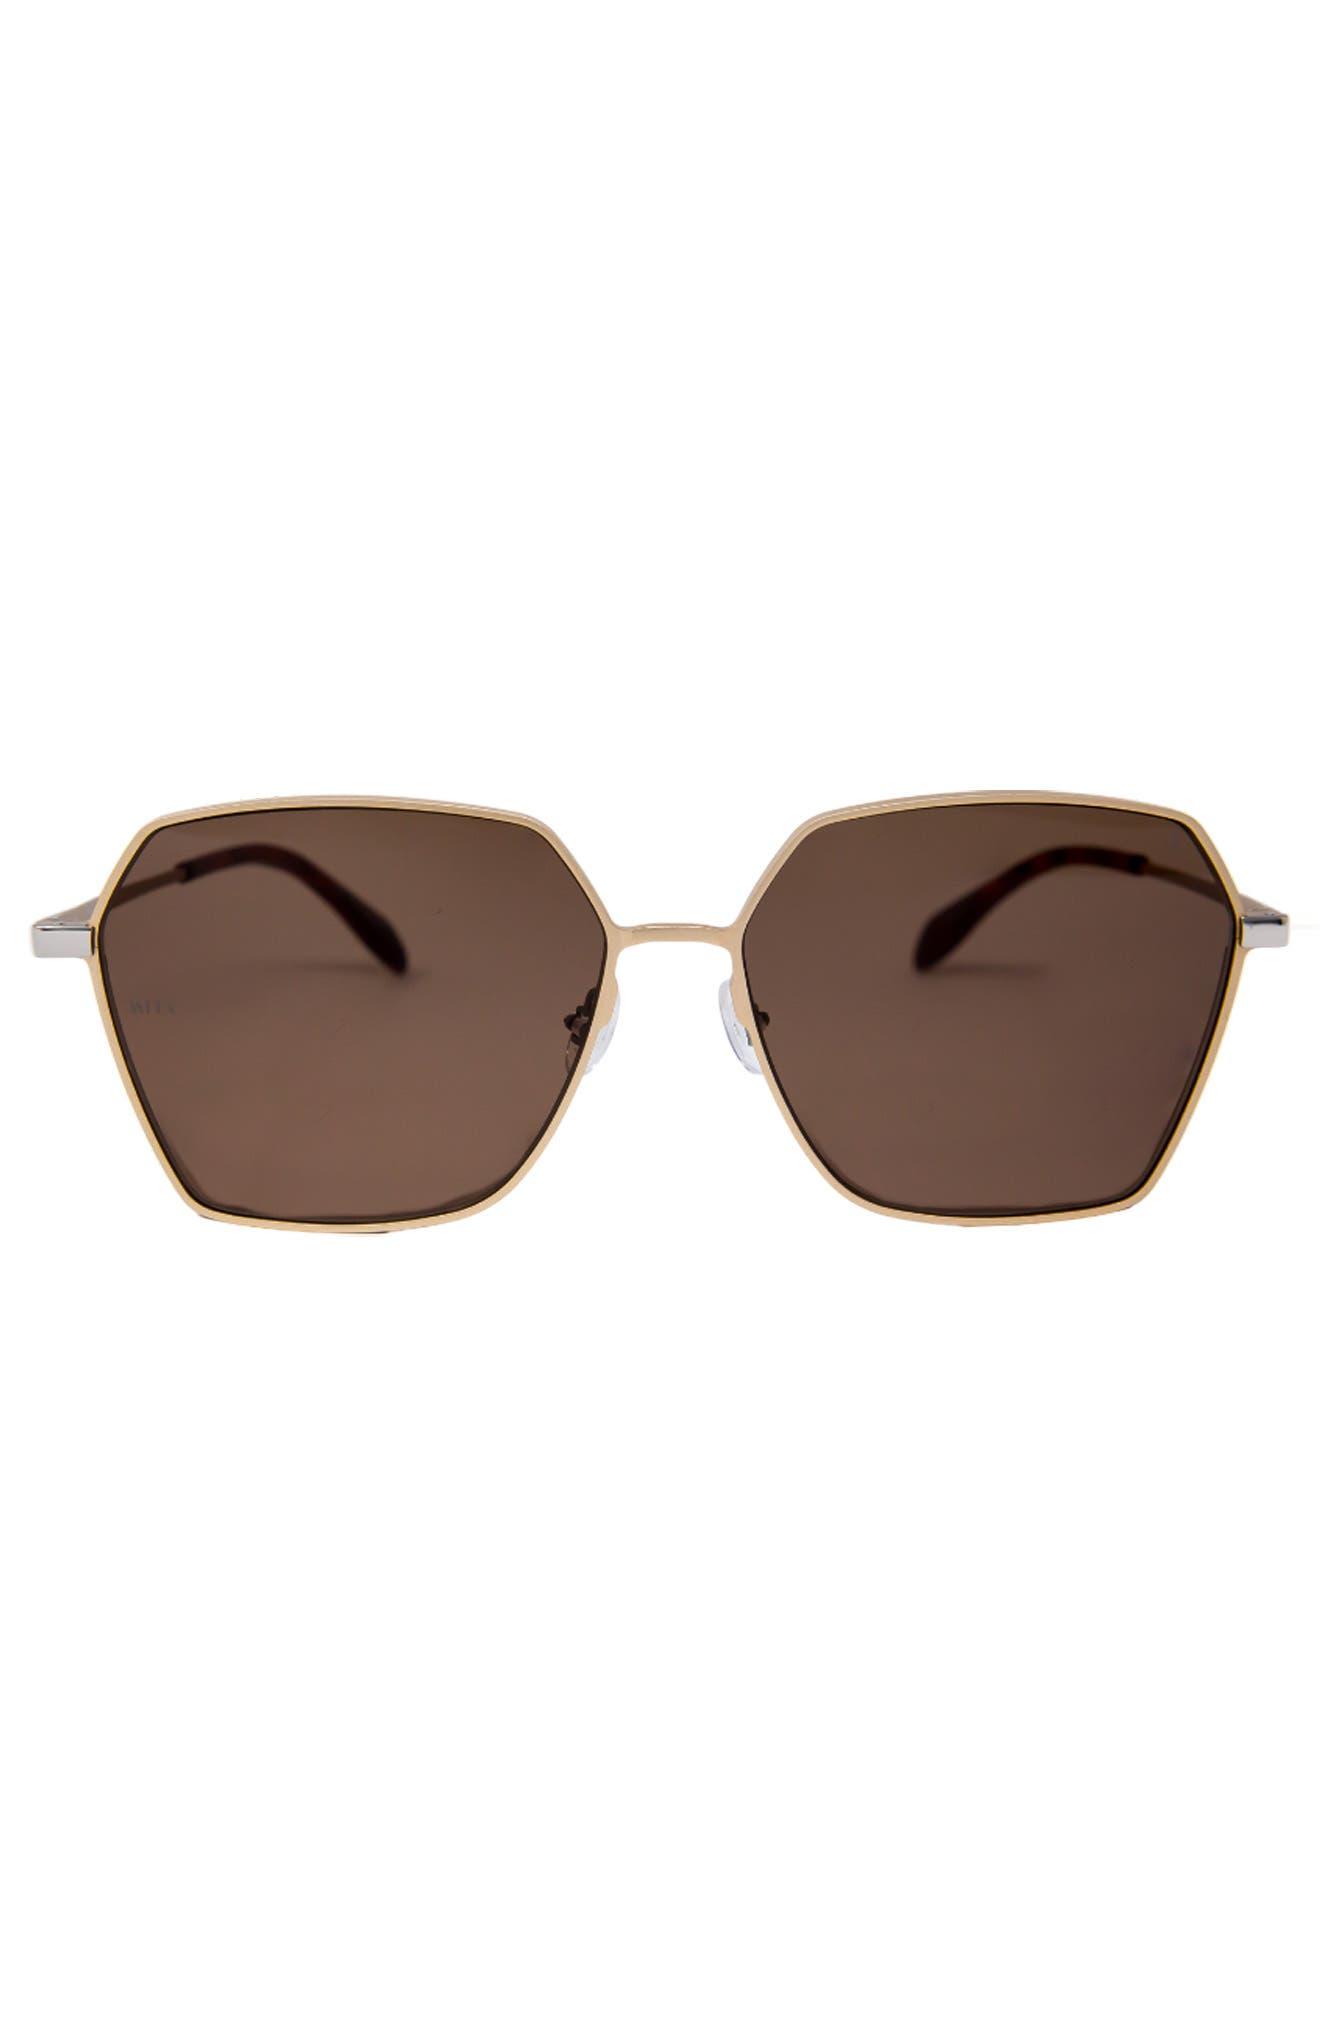 Tuscany 63mm Oversized Square Sunglasses